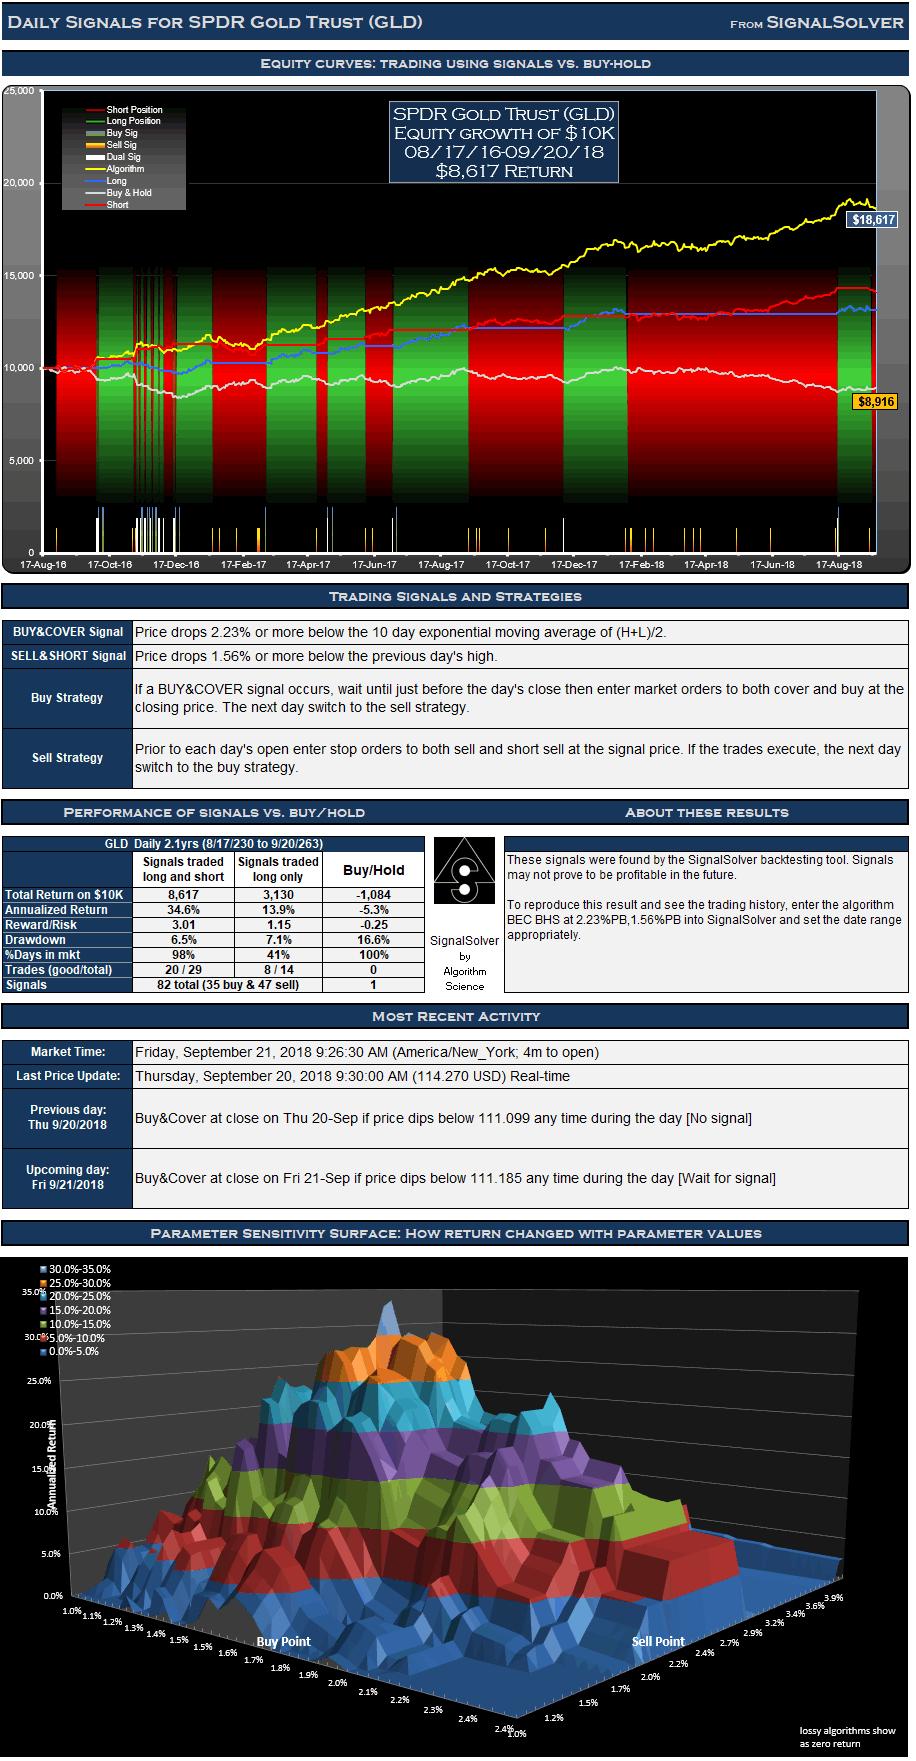 GLD Signals